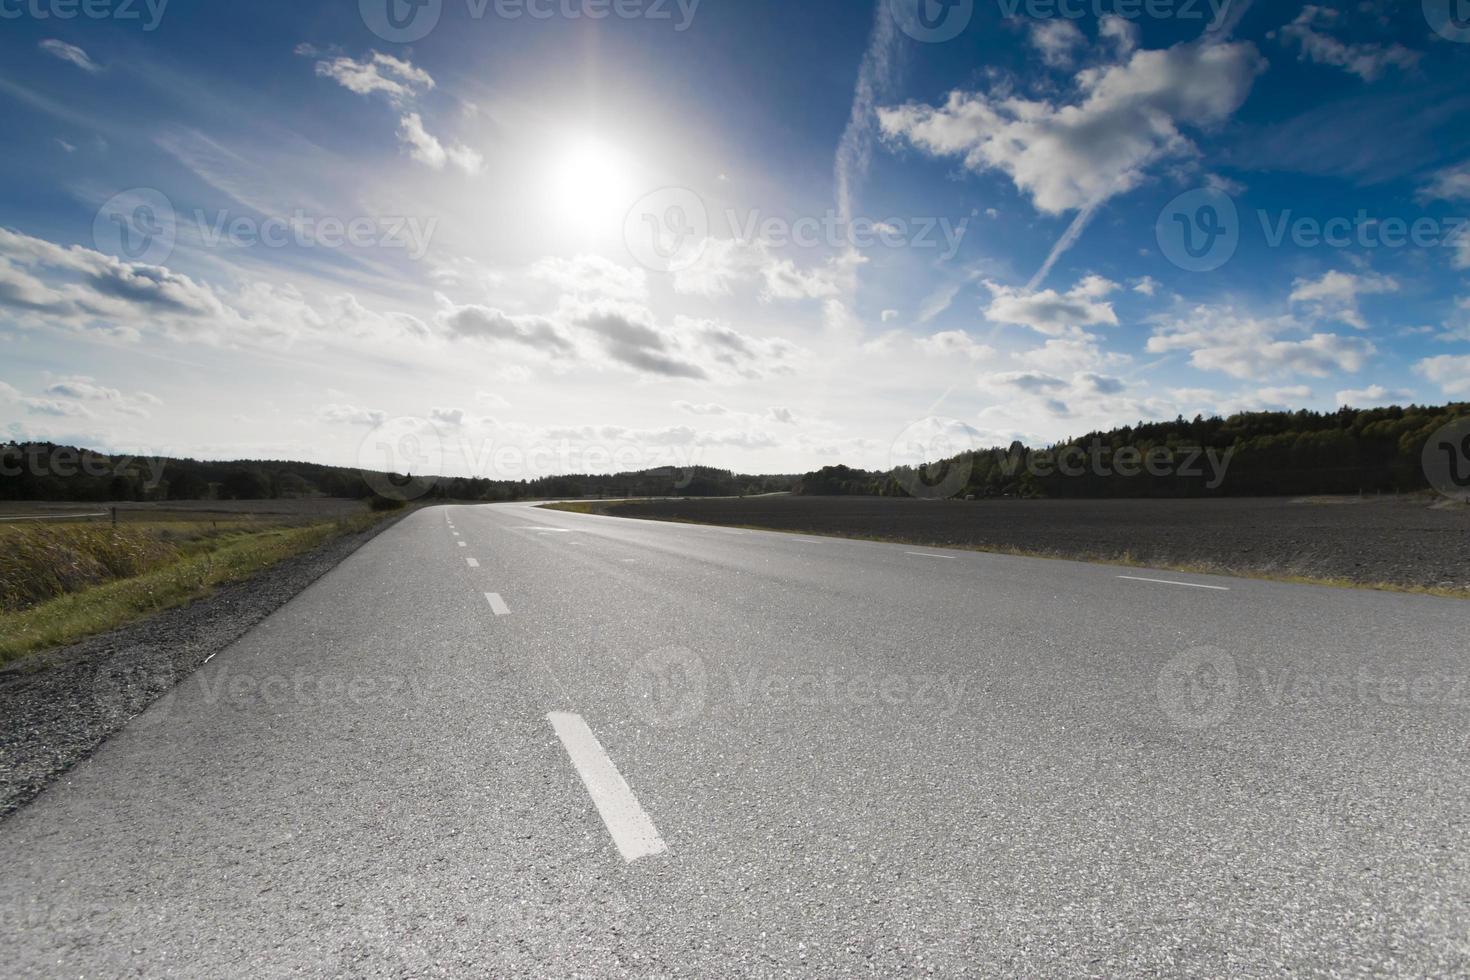 strada di campagna in Svezia rurale in un soleggiato pomeriggio di settembre foto